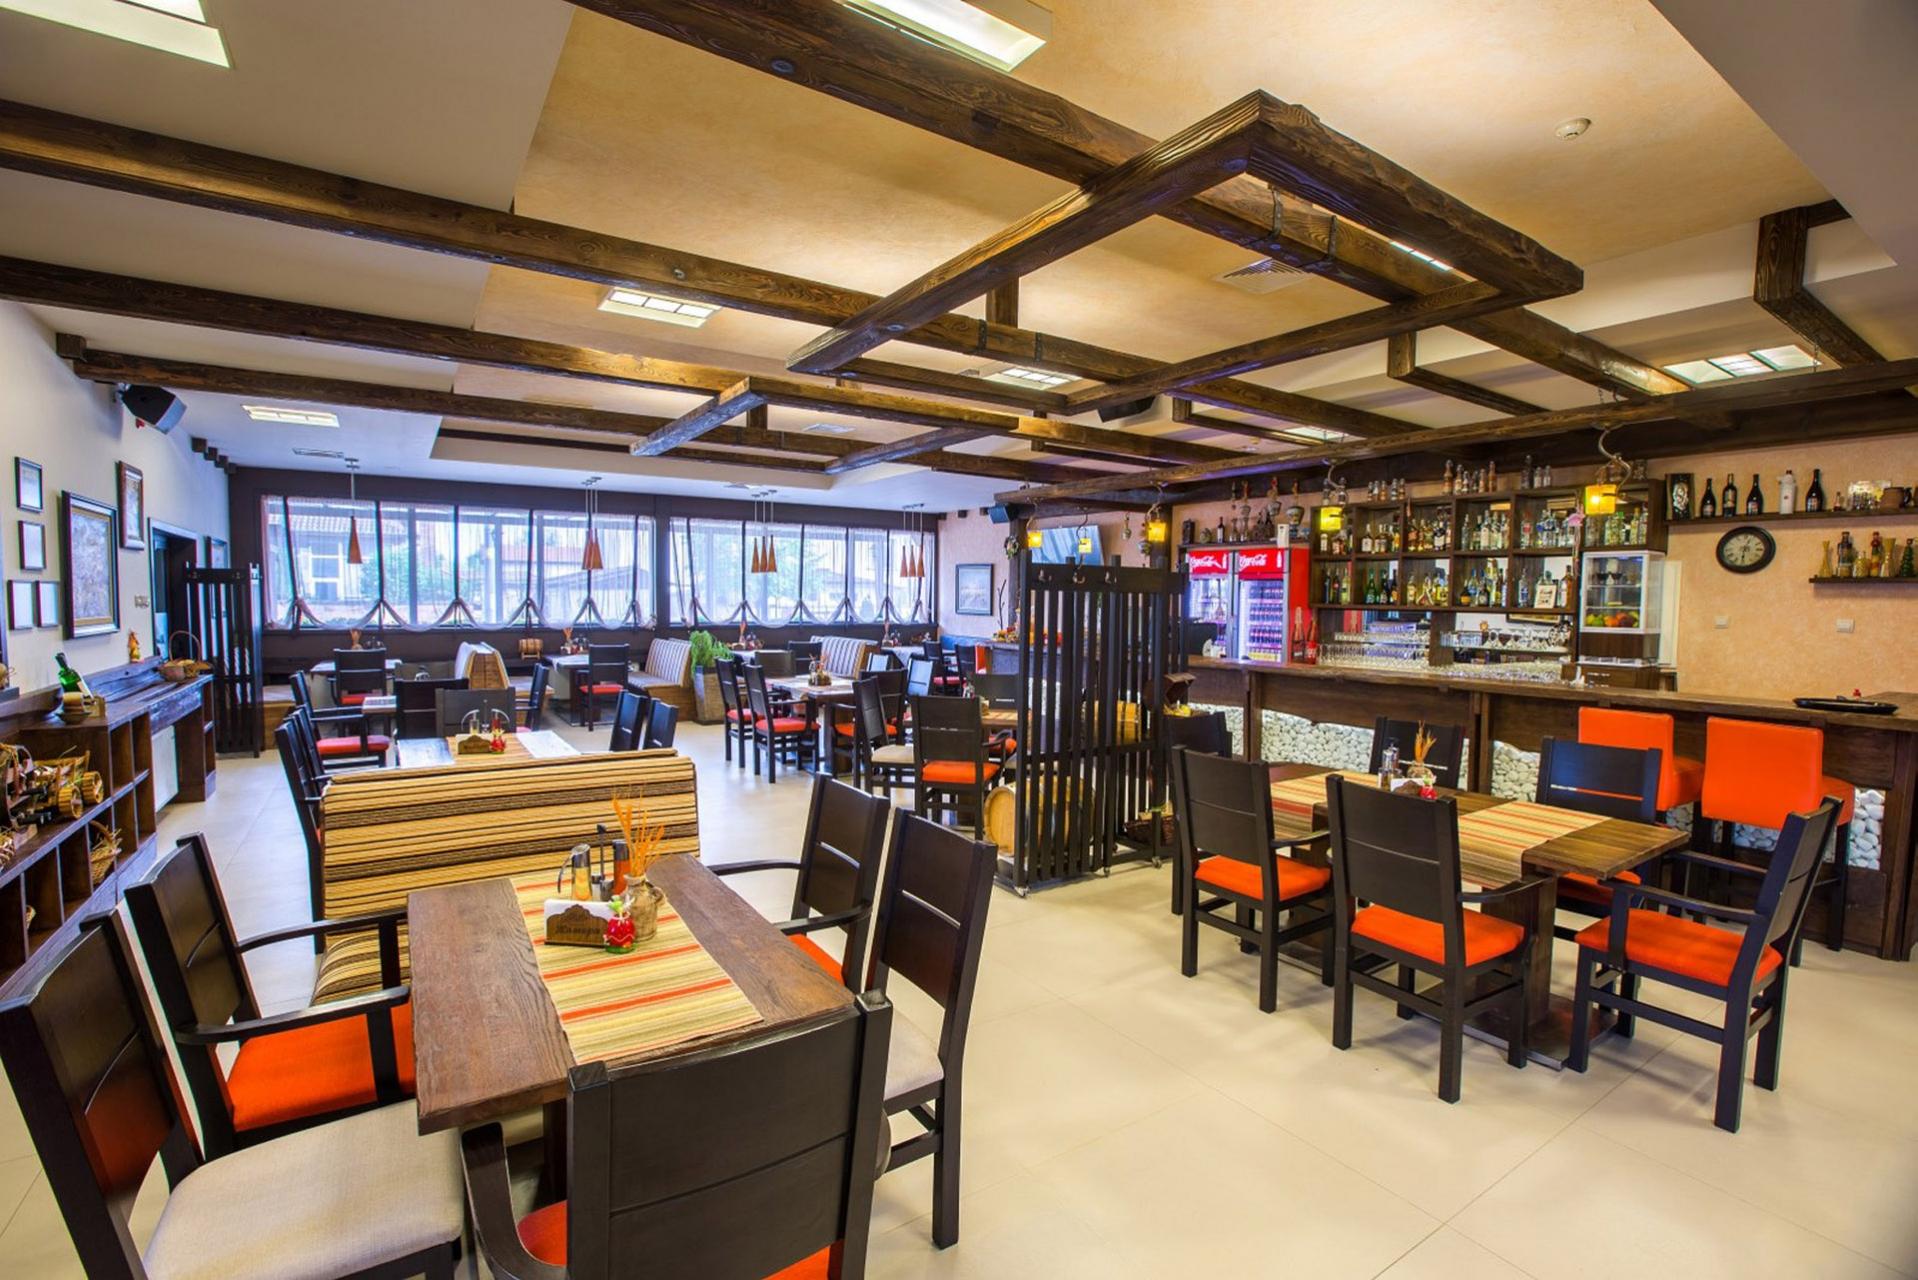 Zhitari restaurant